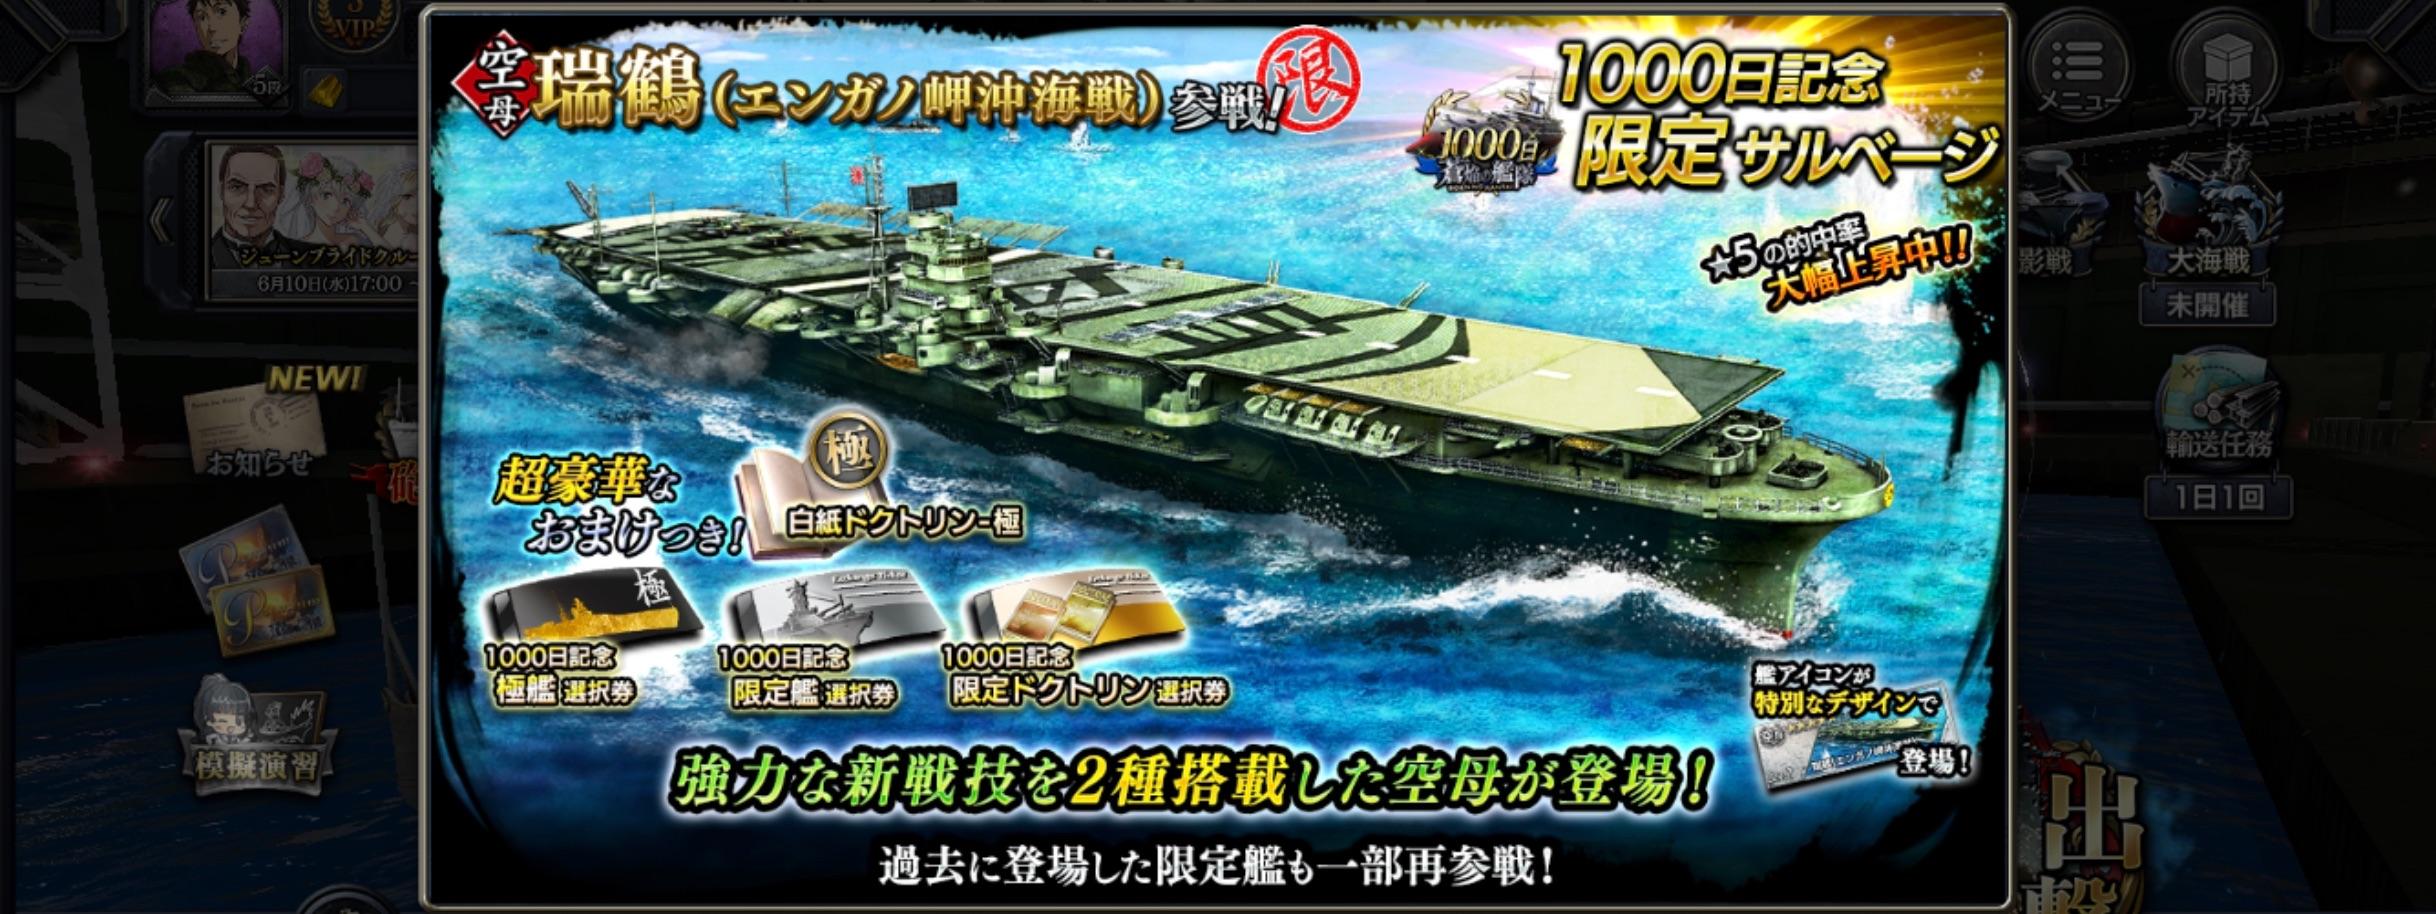 aircraft-carrier:Zuikaku